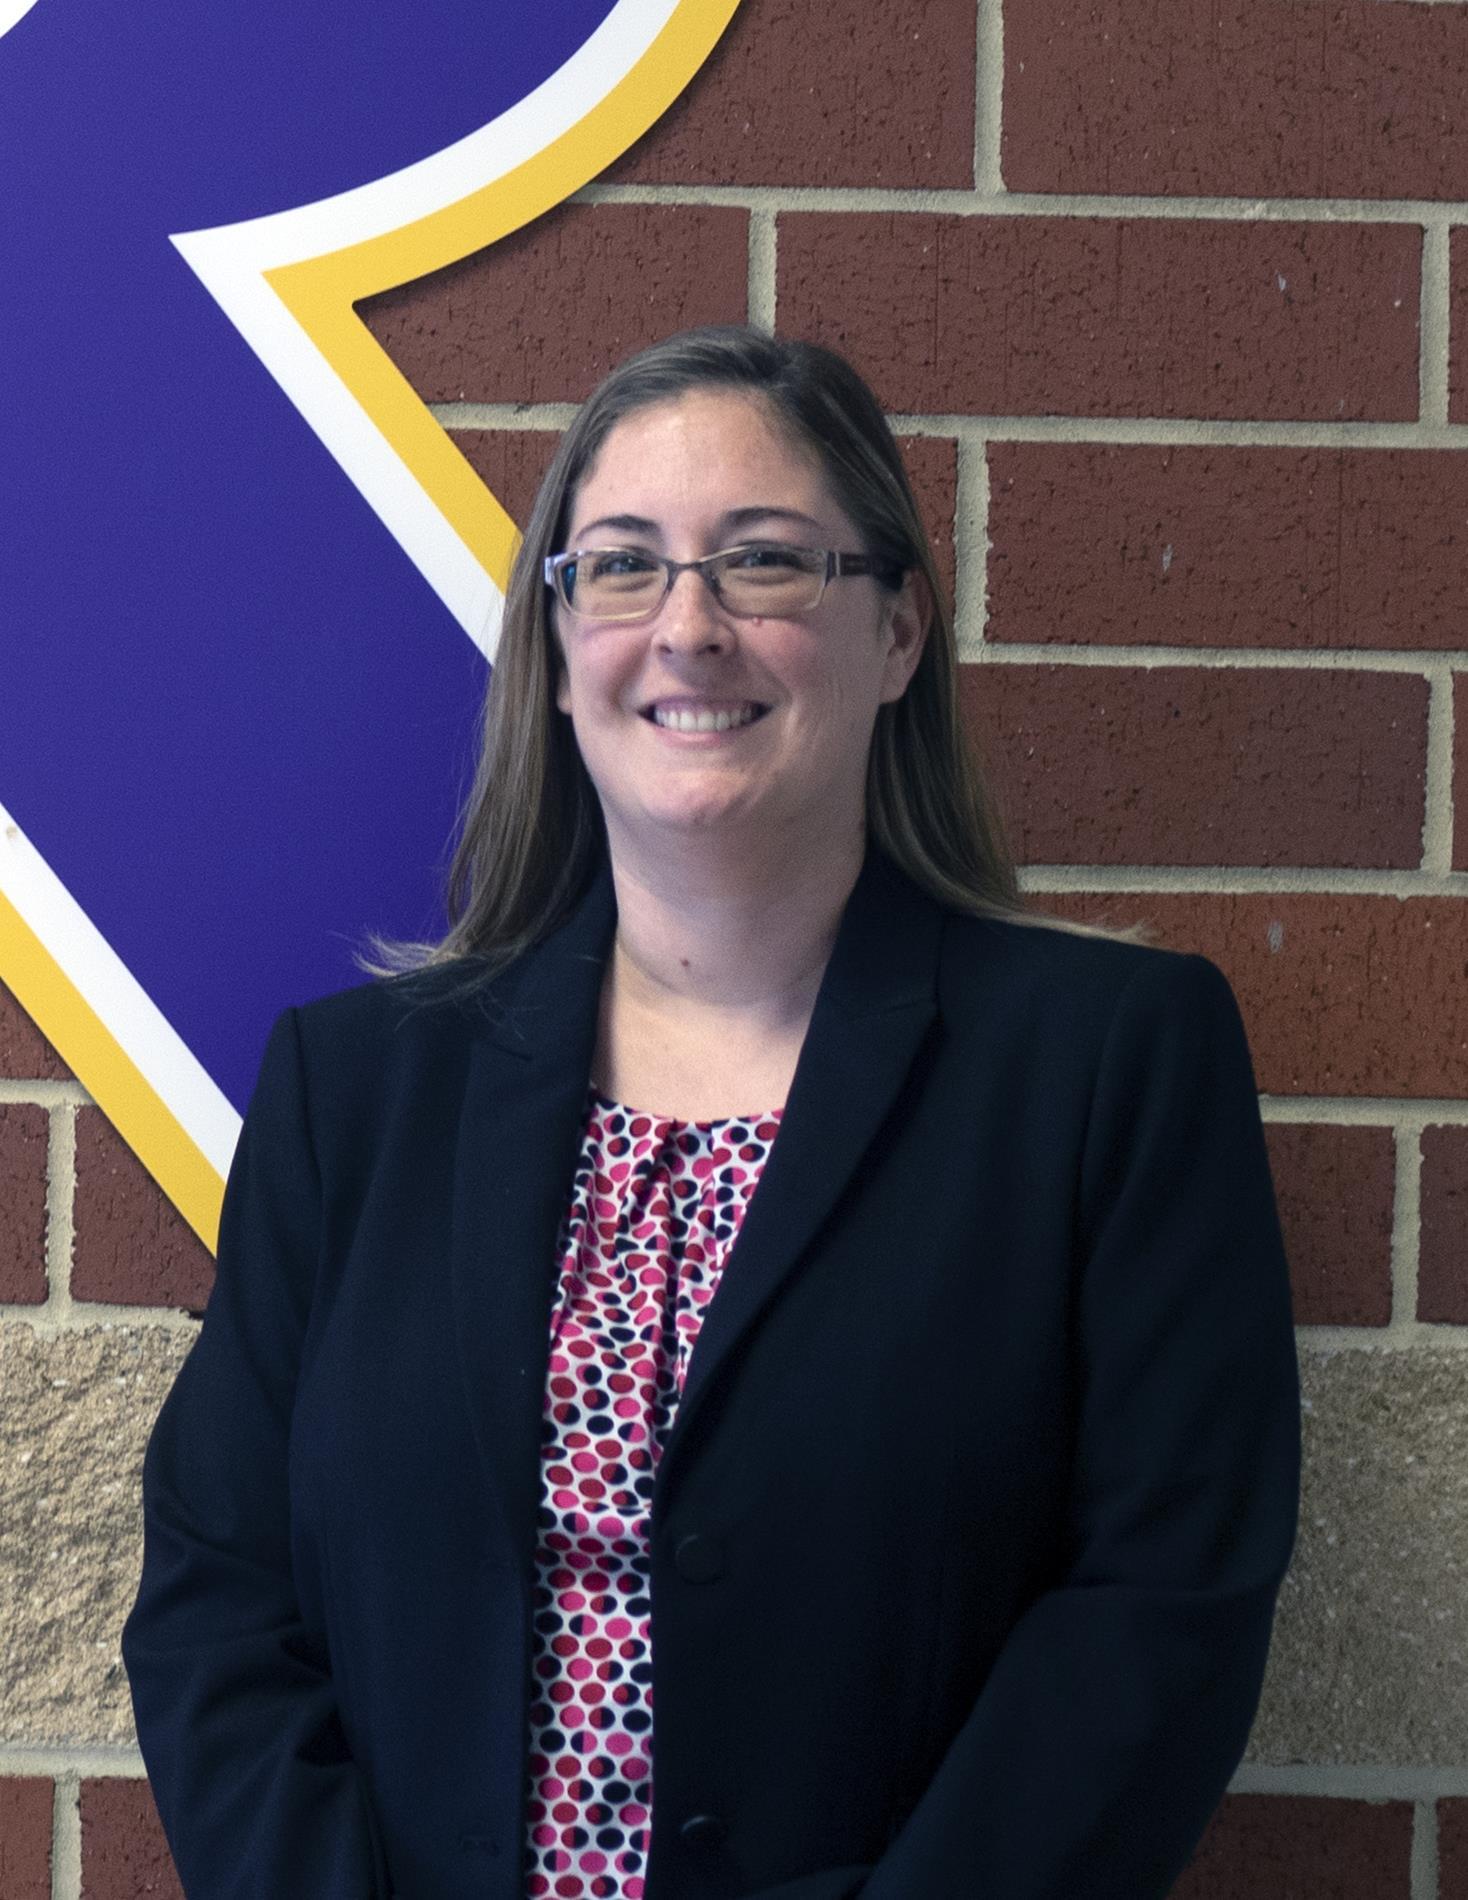 Jessica Hok, Assistant Principal